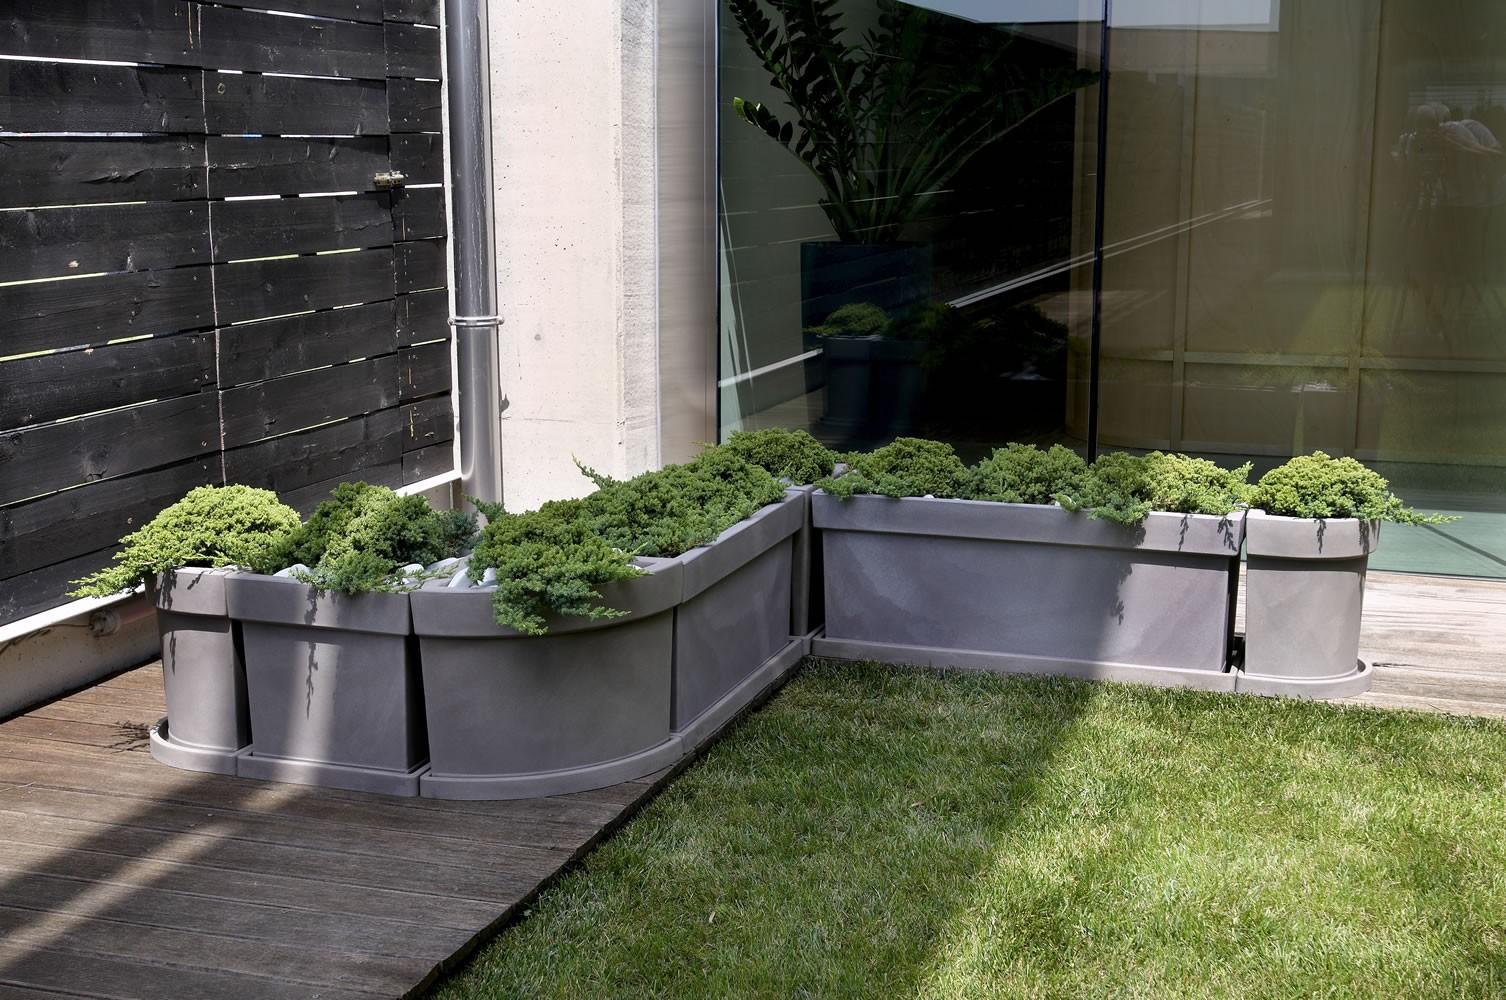 100 Idee Per Arredare Il Balcone : 100 idee per arredare il balcone.